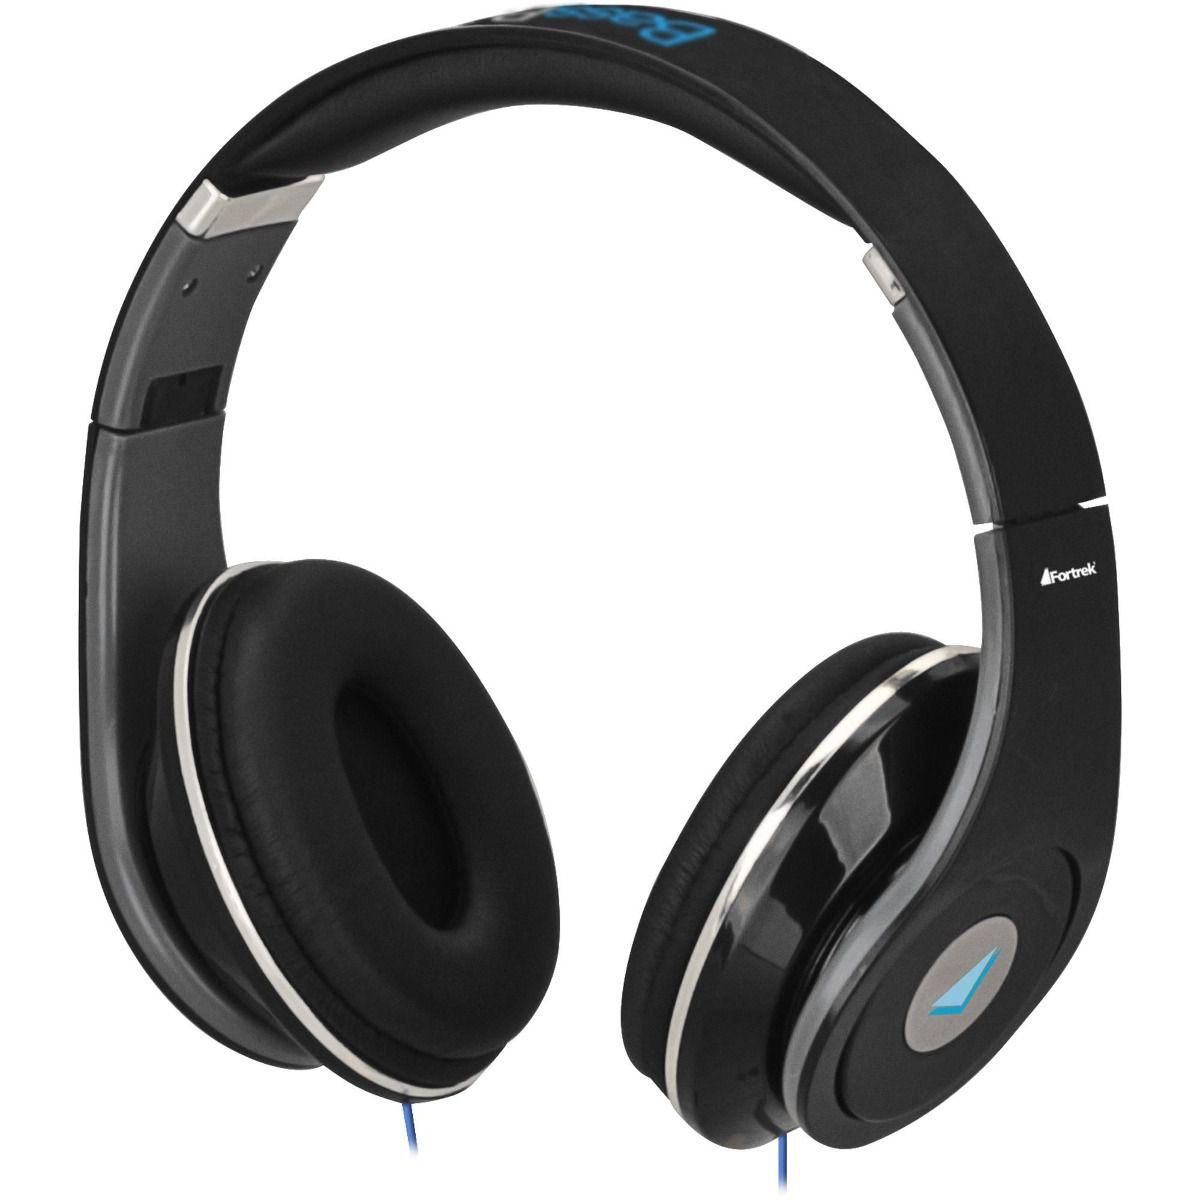 FONE HEADPHONE HDP-602 BASS BEATS - FORTREK